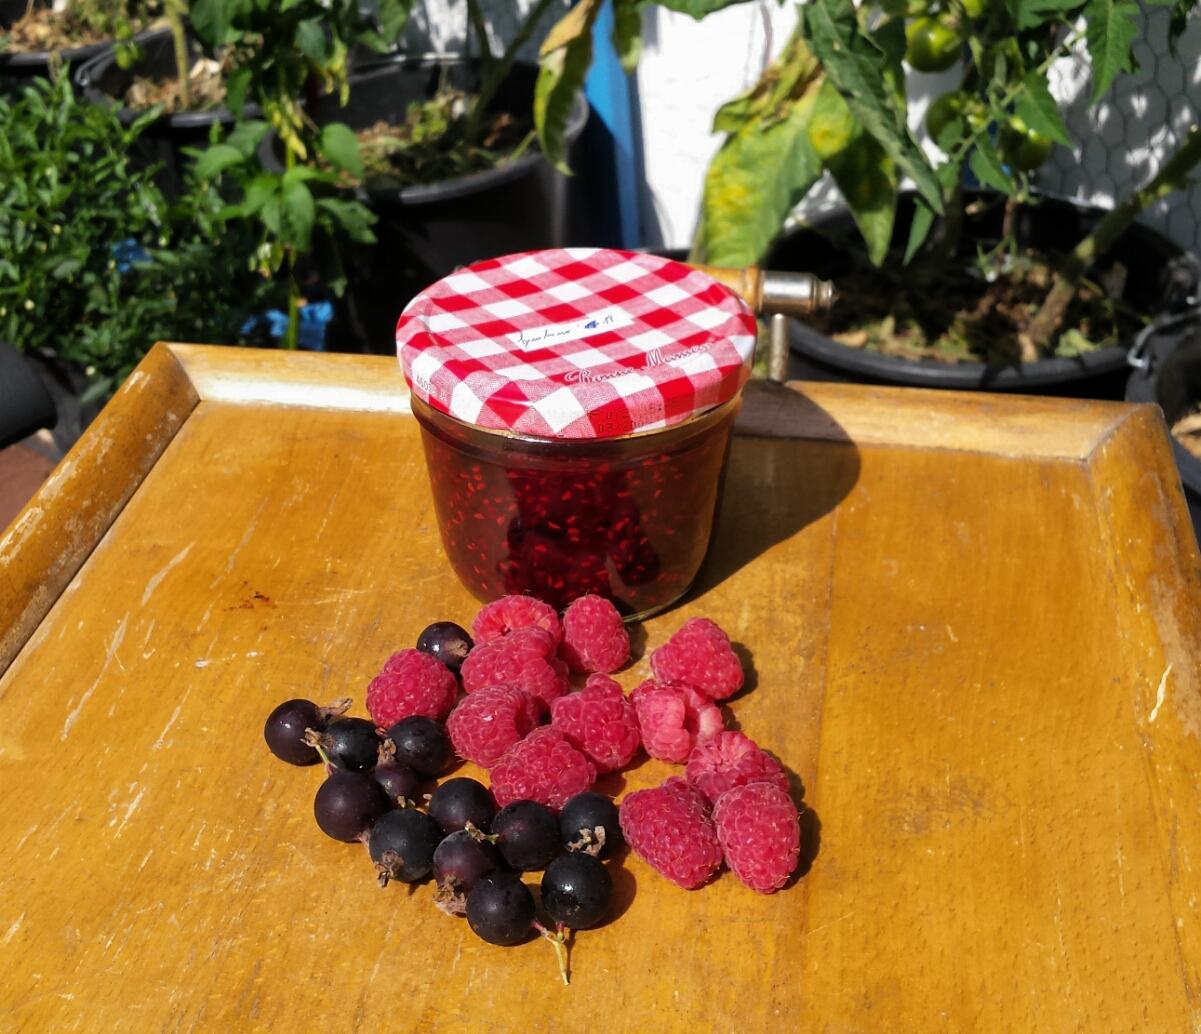 Ernte verarbeiten: selbstgemachte Himbeeren-Jostabeeren-Marmelade